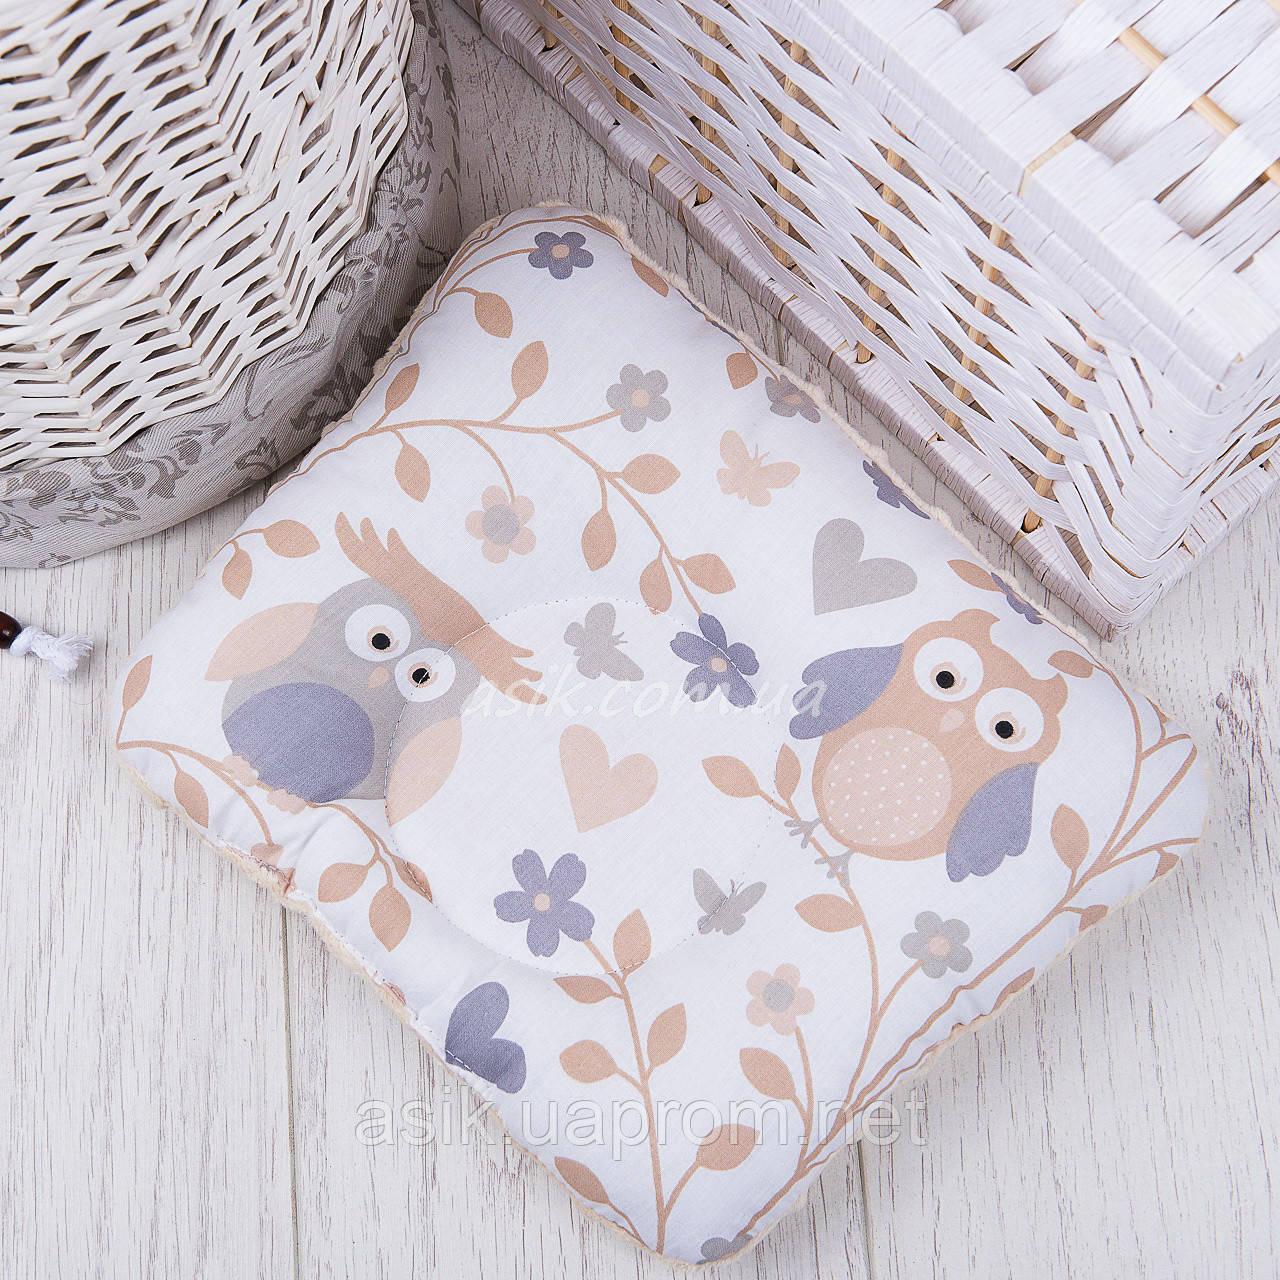 """Подушка для новорожденных с плюшем """"Серо-бежевые совы"""""""